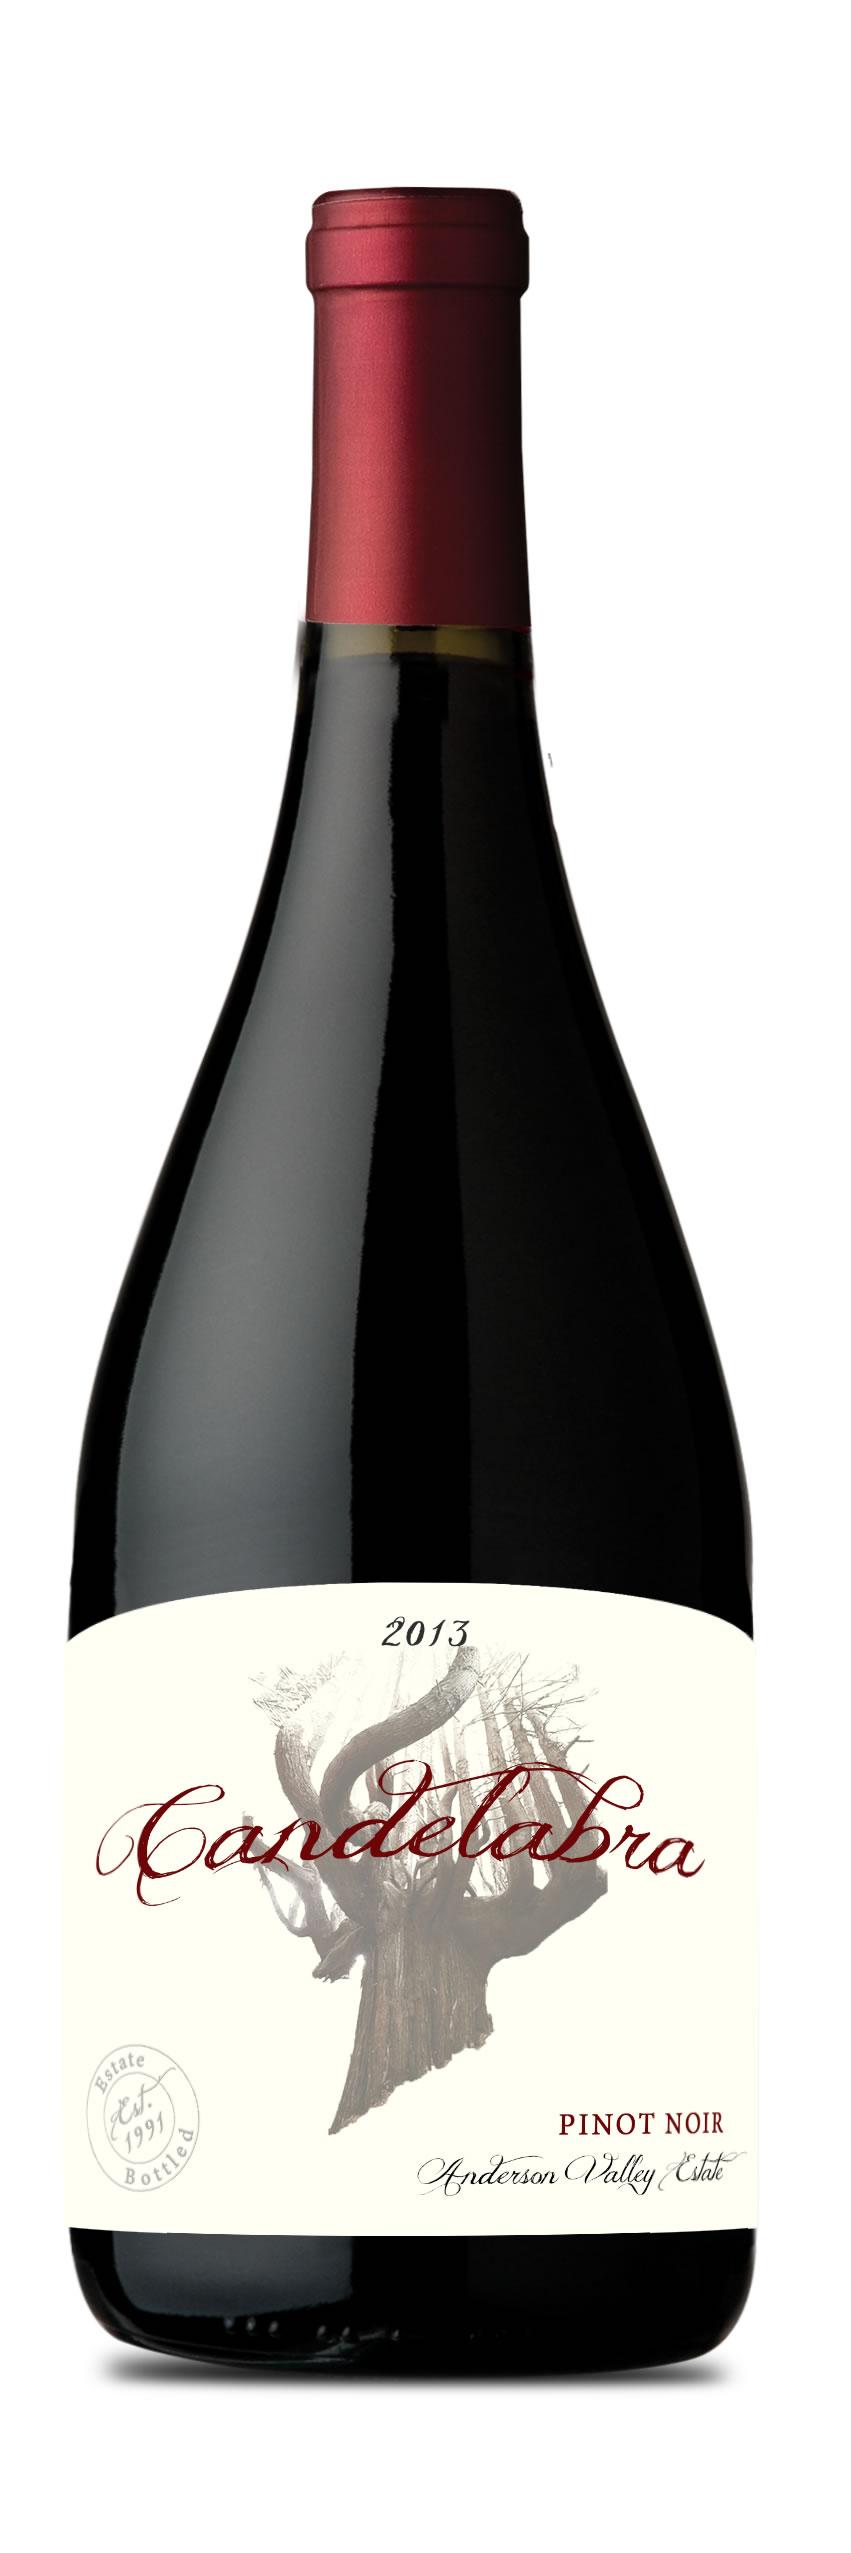 Candelabra Pinot Noir